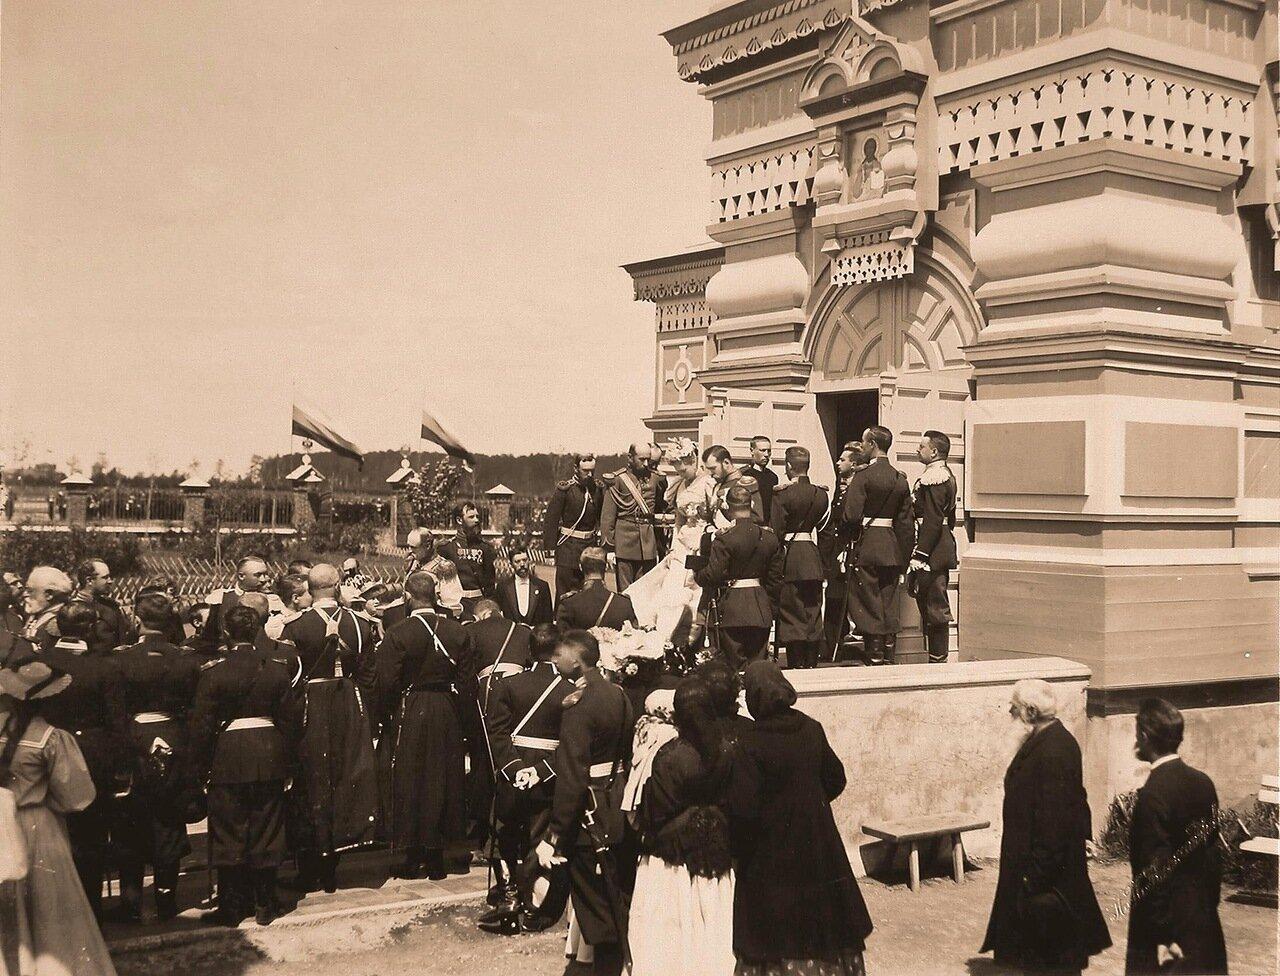 Император Николай II и императрица Александра Федоровна выходят из церкви Св. Сергия Радонежского на Ходынском поле